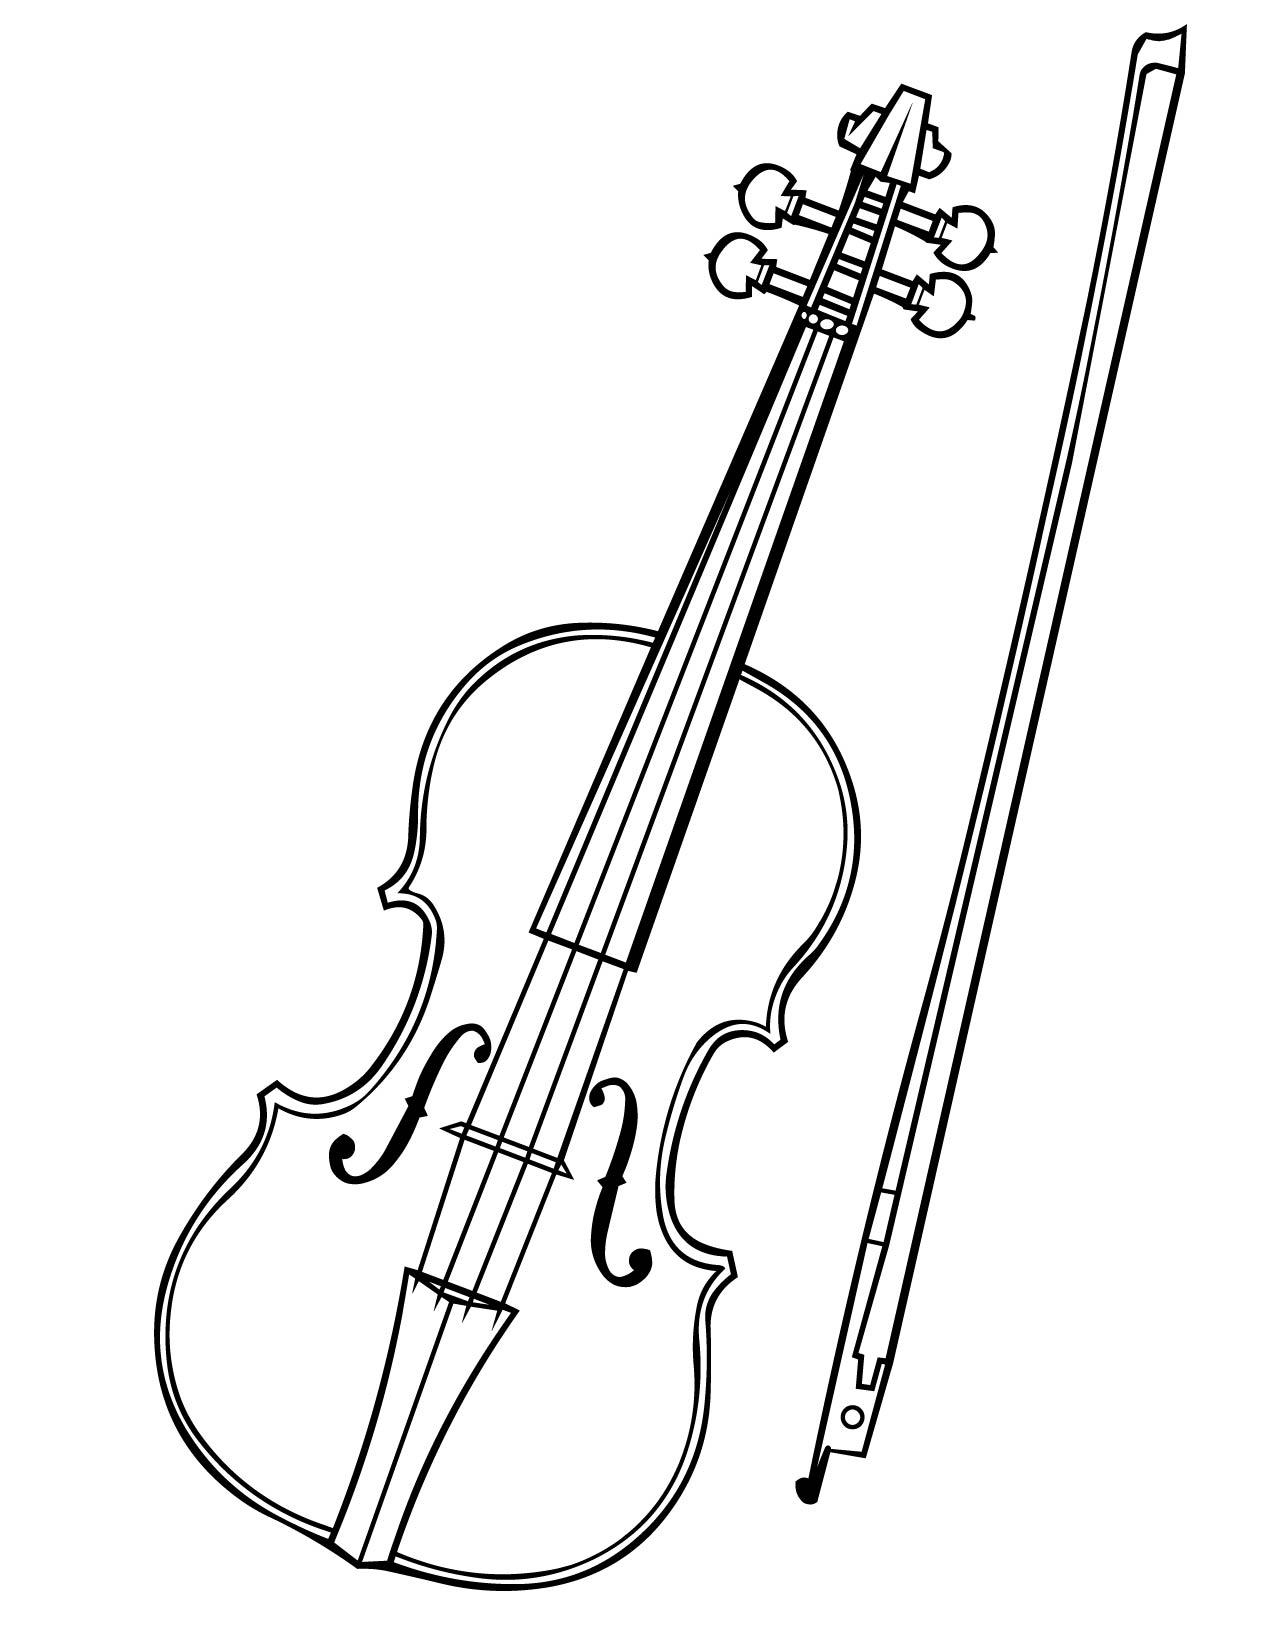 Clip art library . Cello clipart cello bow